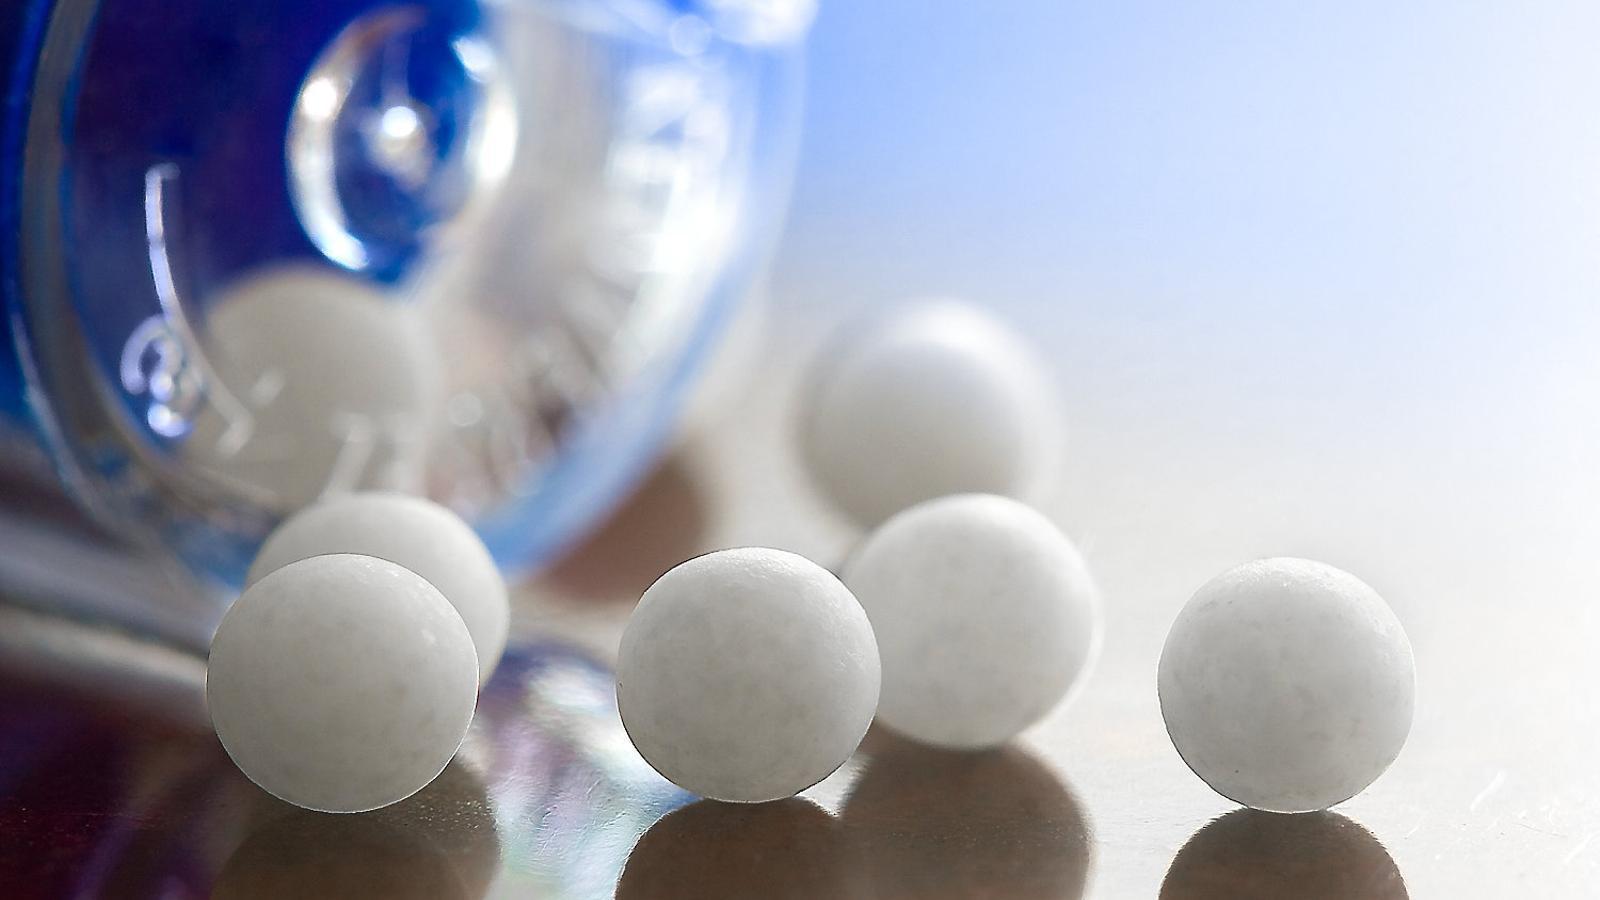 Boles de medicació homeopàtica. Les teràpies pseudocientífiques tornen a centrar la polèmica arran del congrés pseudocientífic sobre càncer celebrat ahir a Barcelona.